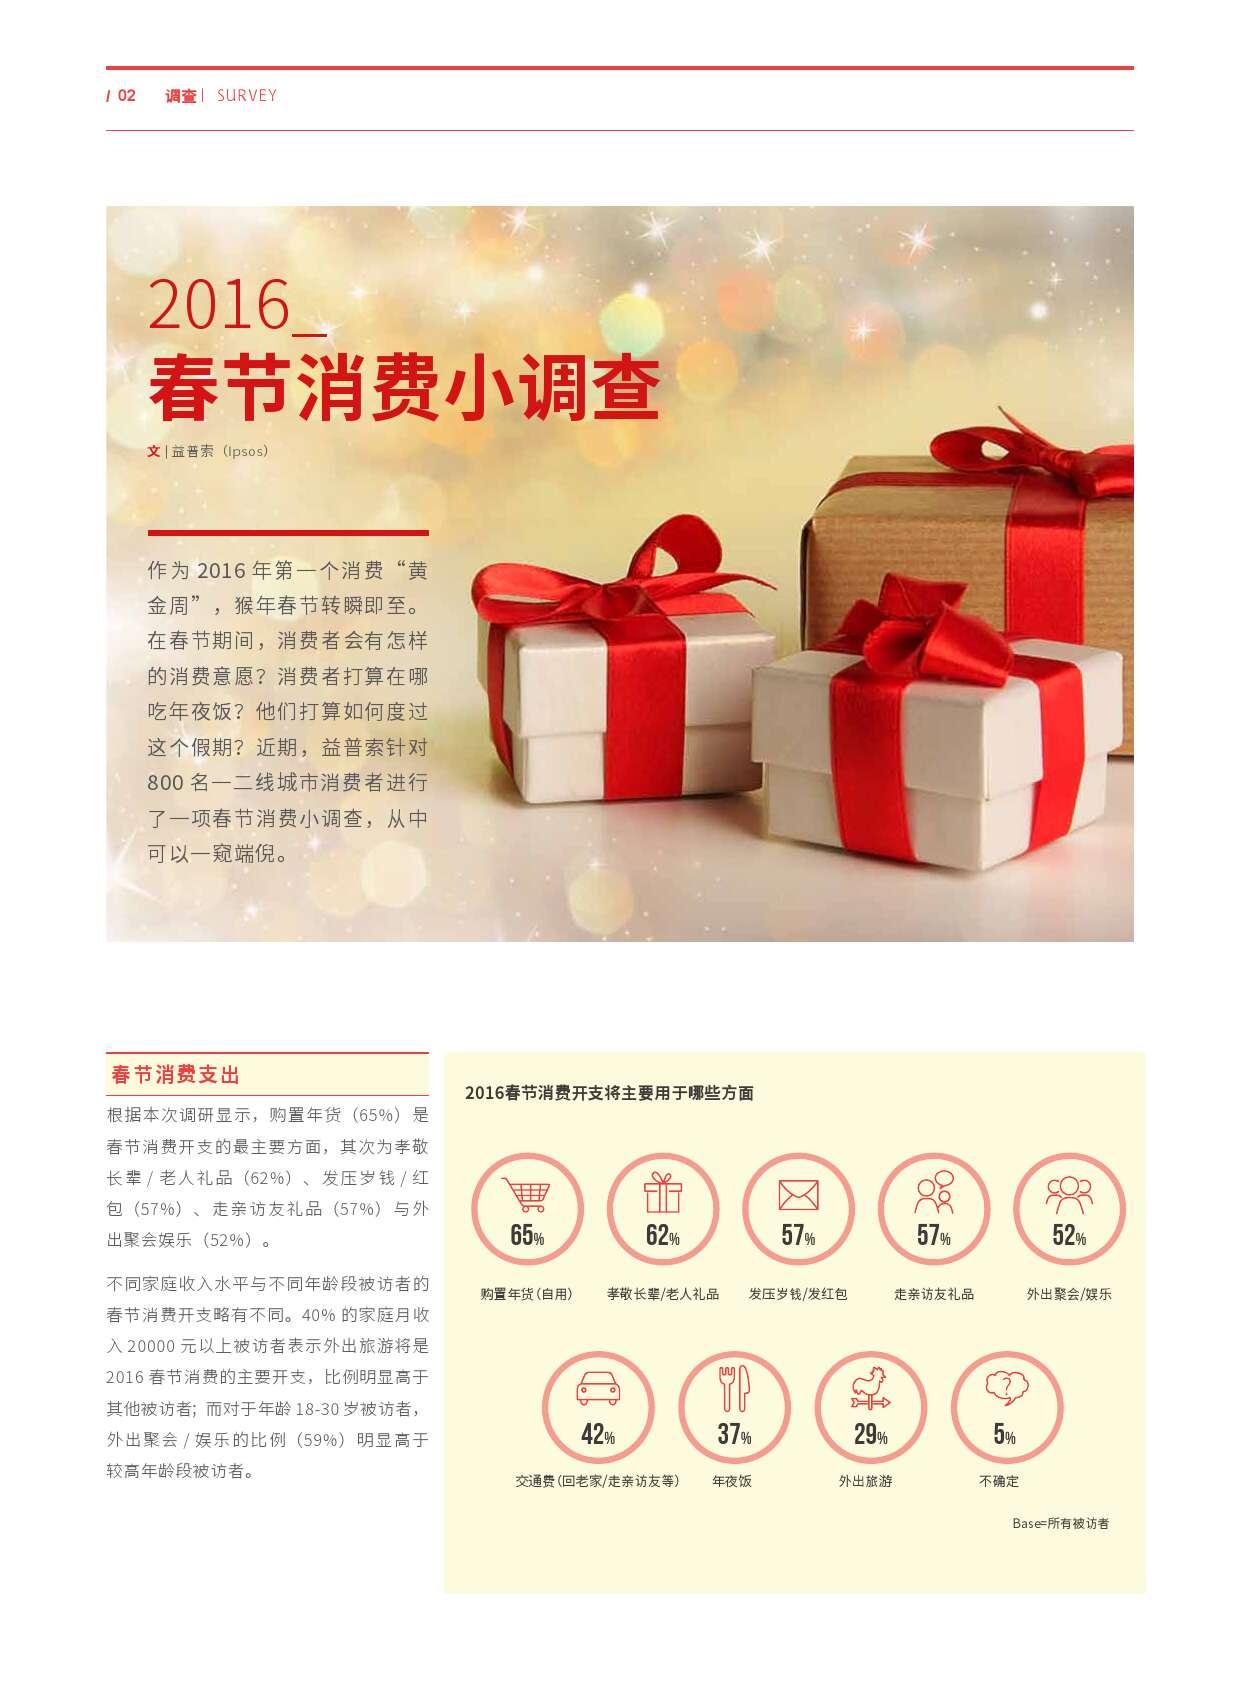 2016春节消费小调查_000001